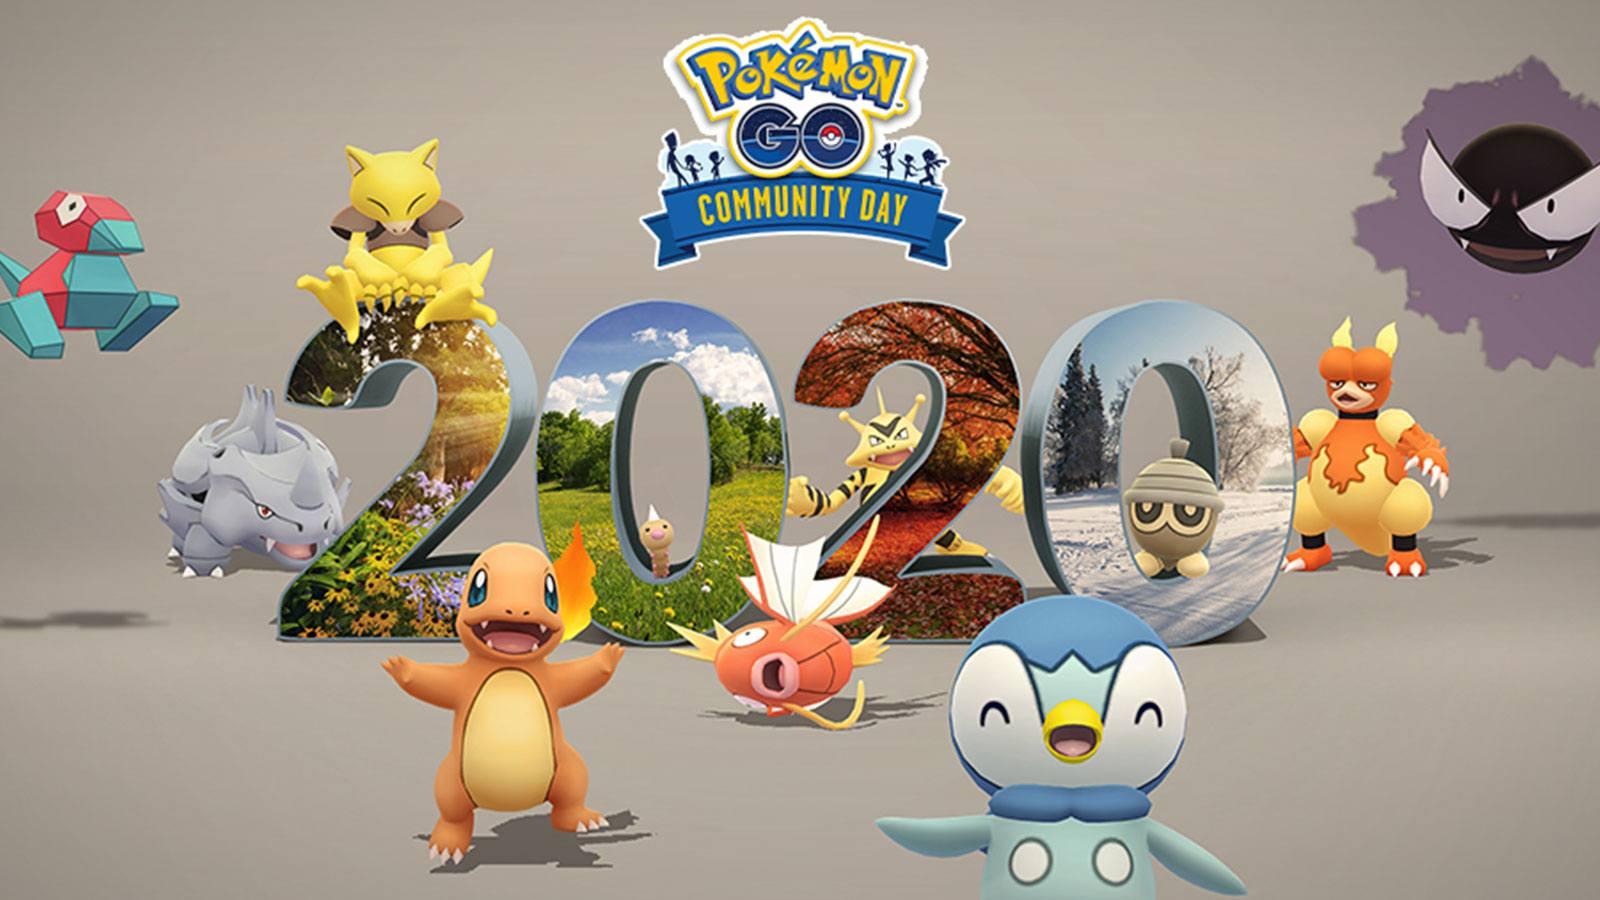 Journée de la Communauté décembre Pokémon Go